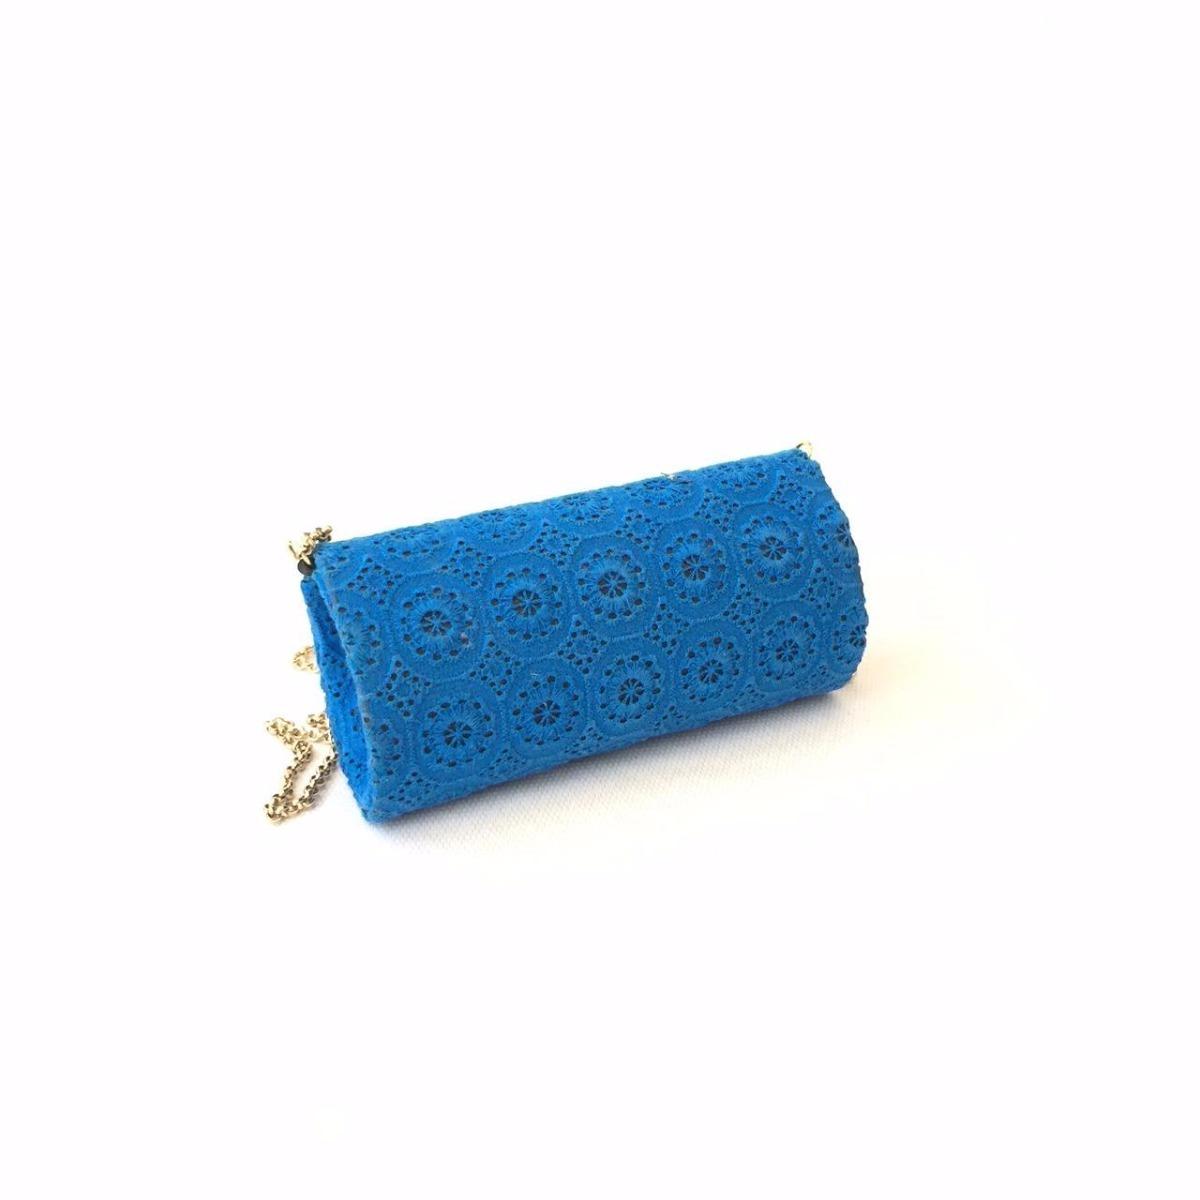 ccea9c4d6 bolsa de festa patricia henriques azul em tecido gripuir. Carregando zoom.